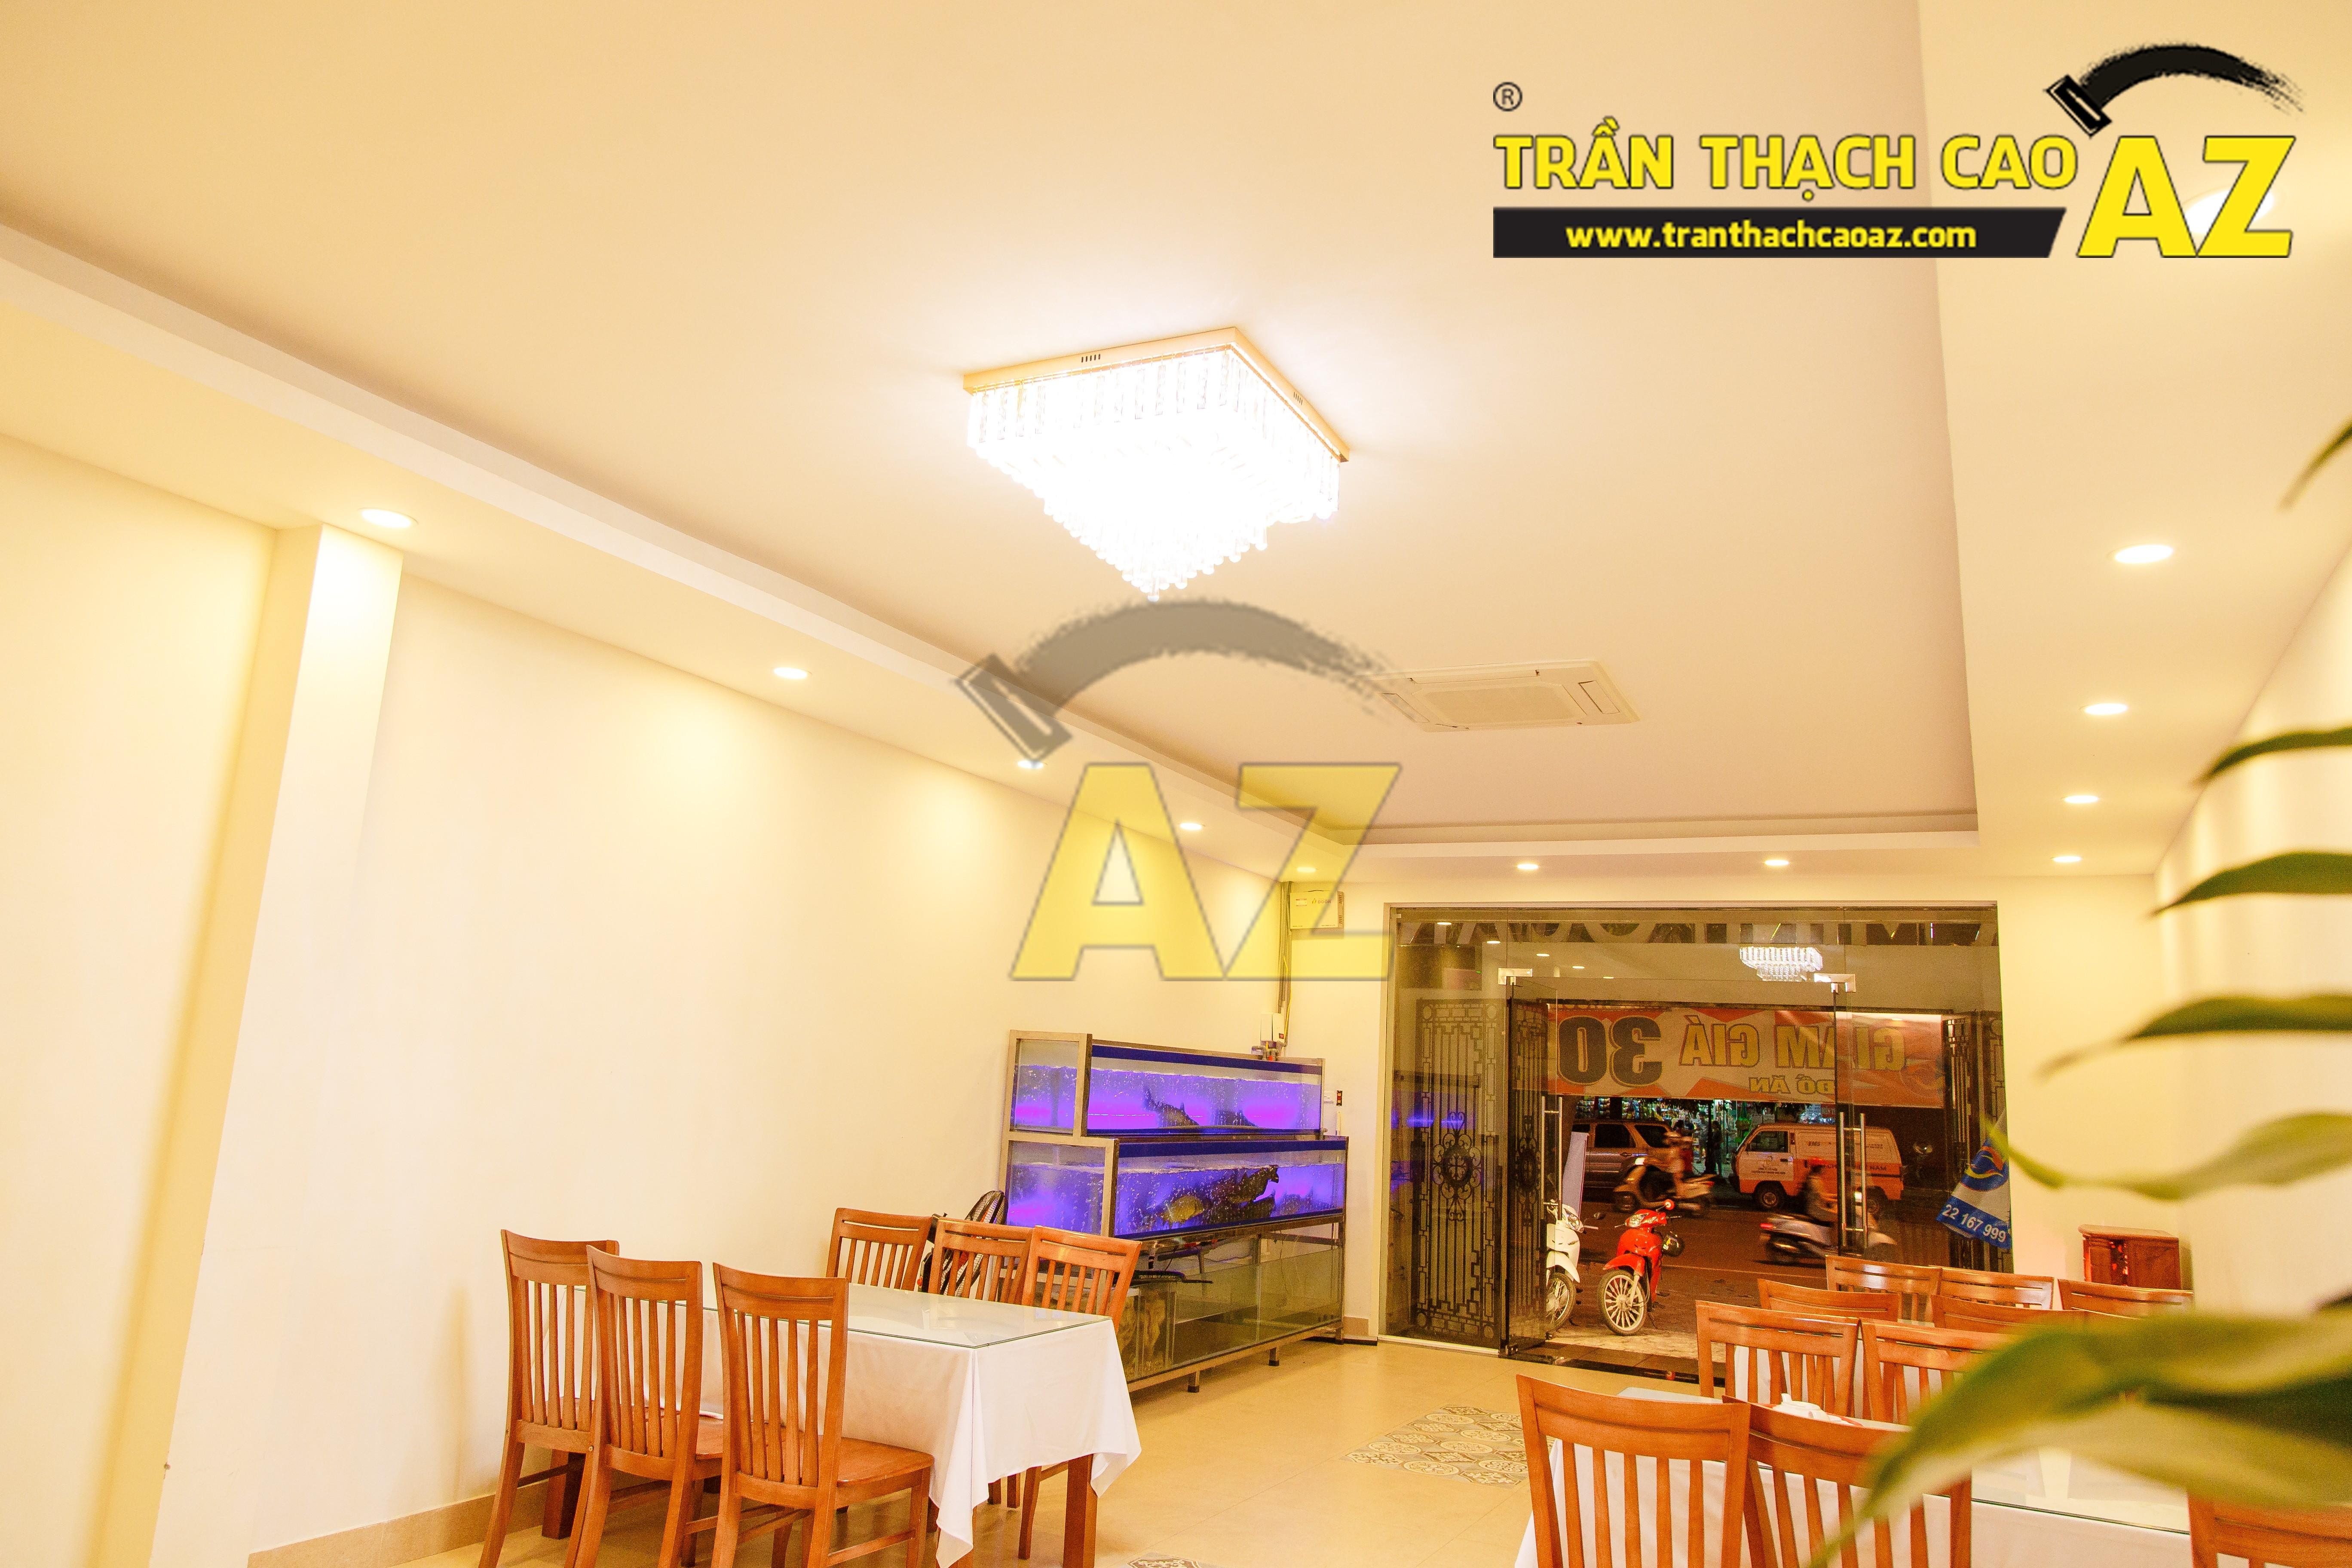 Mẫu trần thạch cao nhà hàng đẹp 09